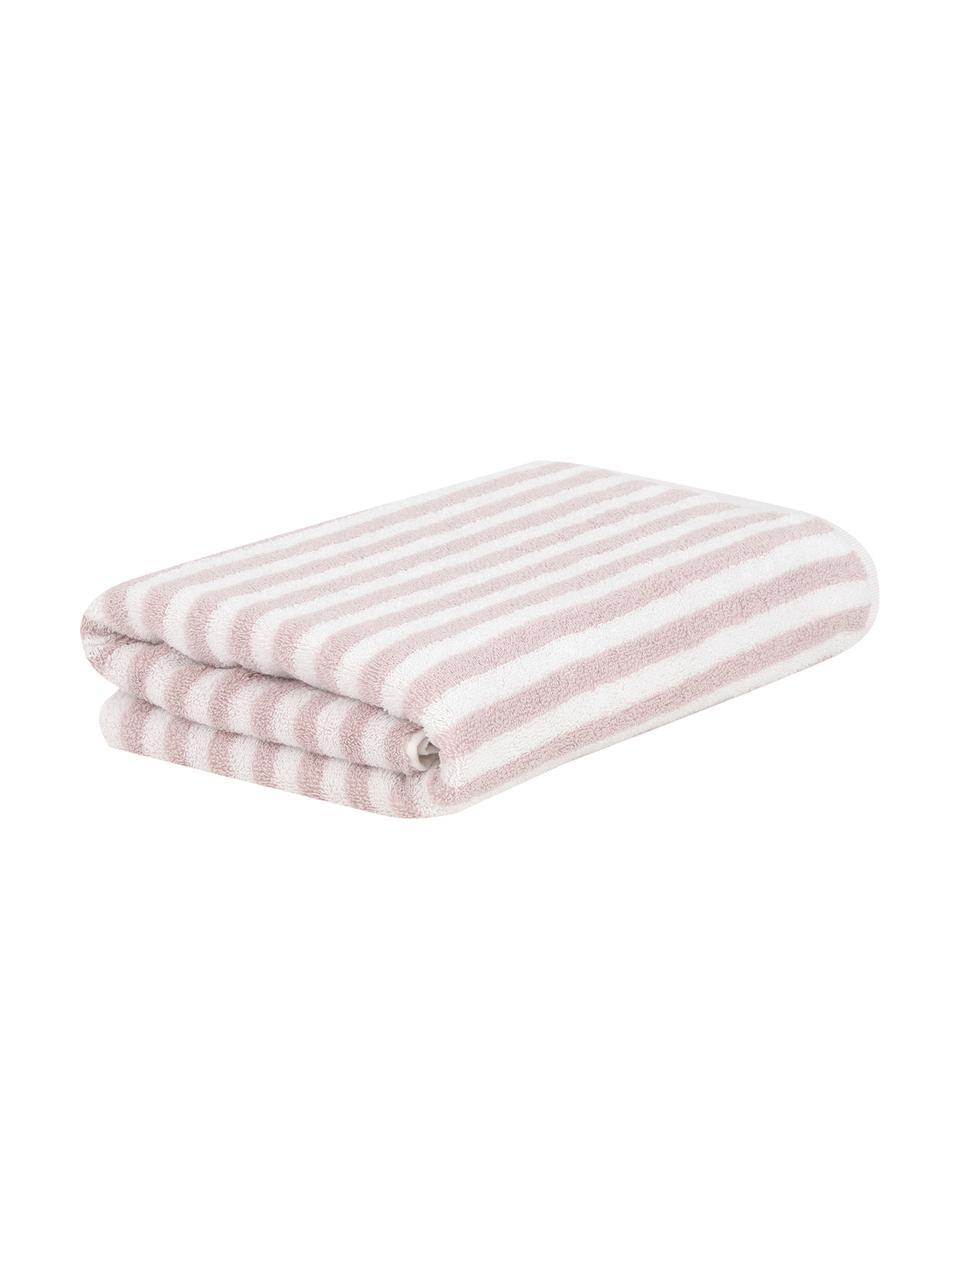 Gestreiftes Handtuch Viola, 100% Baumwolle, mittelschwere Qualität 550 g/m², Rosa, Cremeweiß, Gästehandtuch